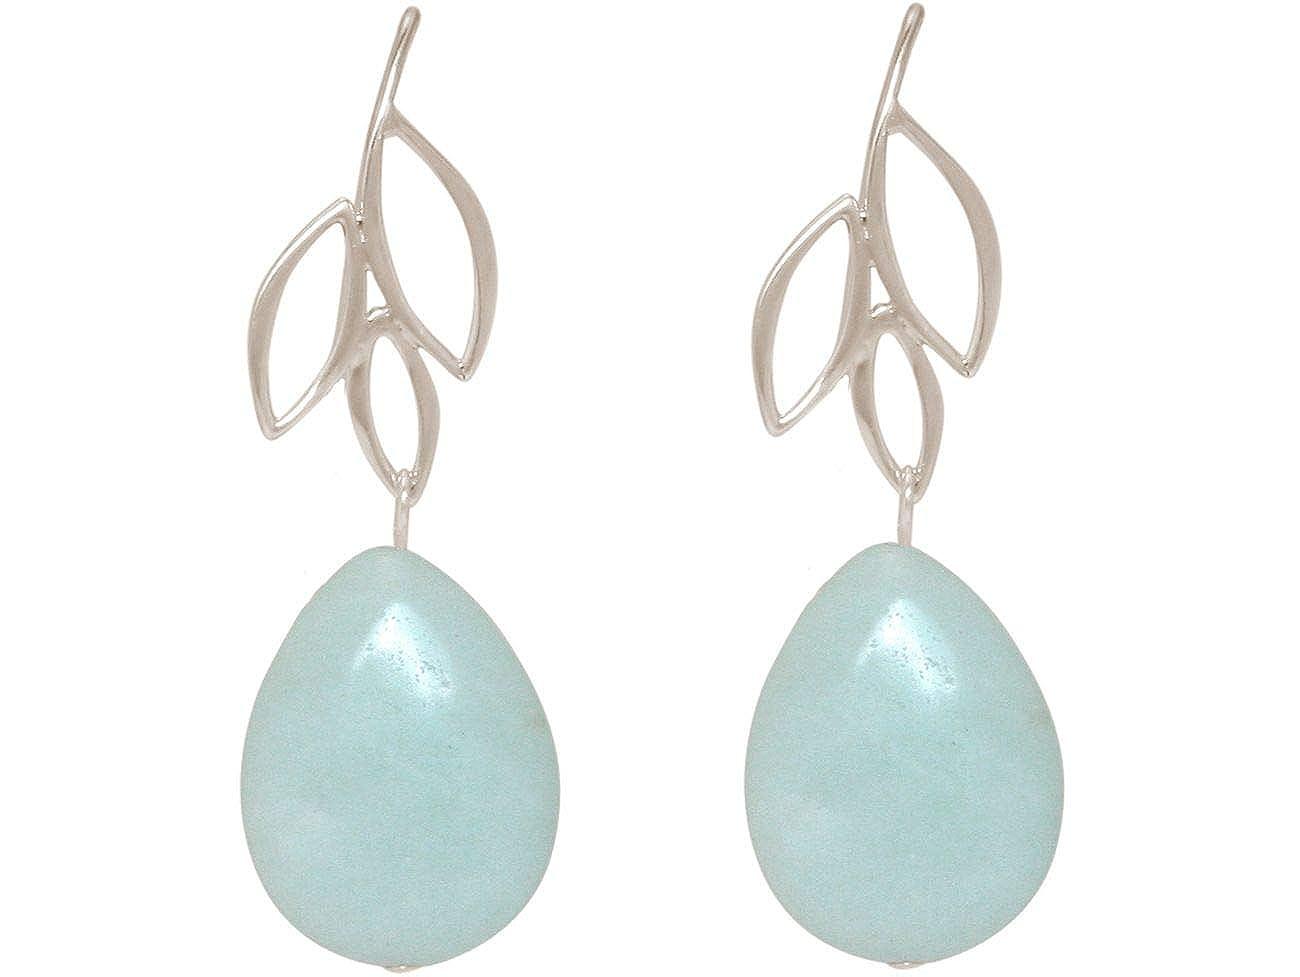 Ohrringe aus Edelsteinen Lapislazuli in Tropfenform 925er Silber Ohrhaken